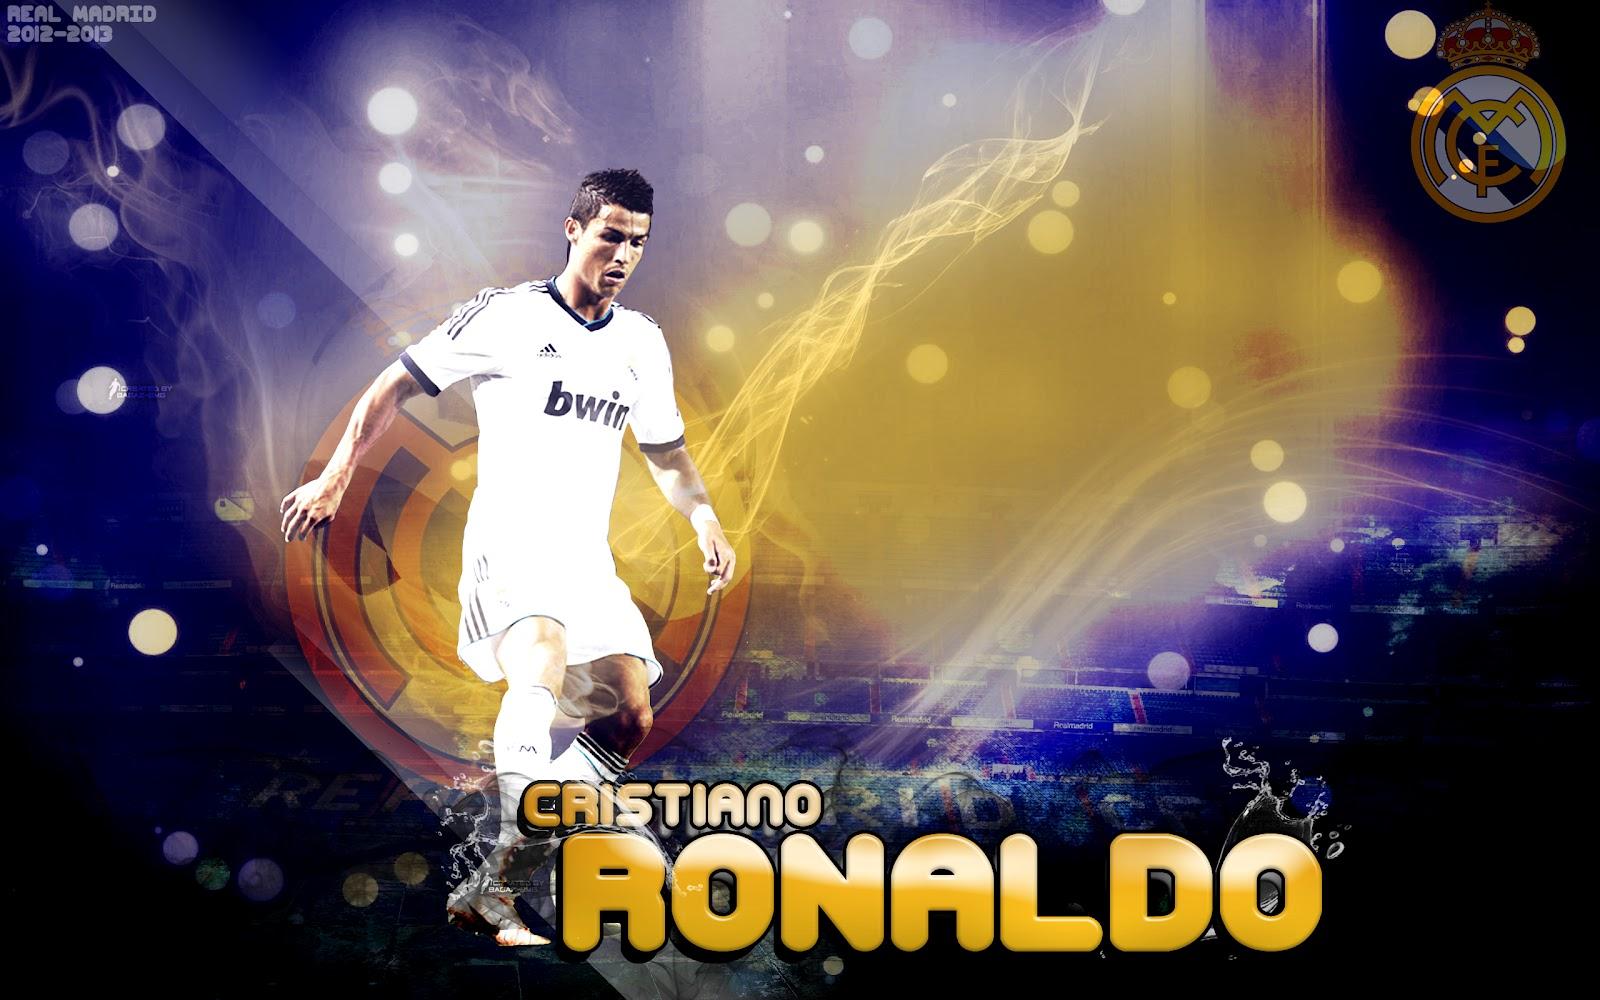 http://2.bp.blogspot.com/-CAD0G1HJtoo/UB1CTEjBT2I/AAAAAAAAATk/l0_zBir3Zv8/s1600/Ronaldo7%2B(15)a.jpg